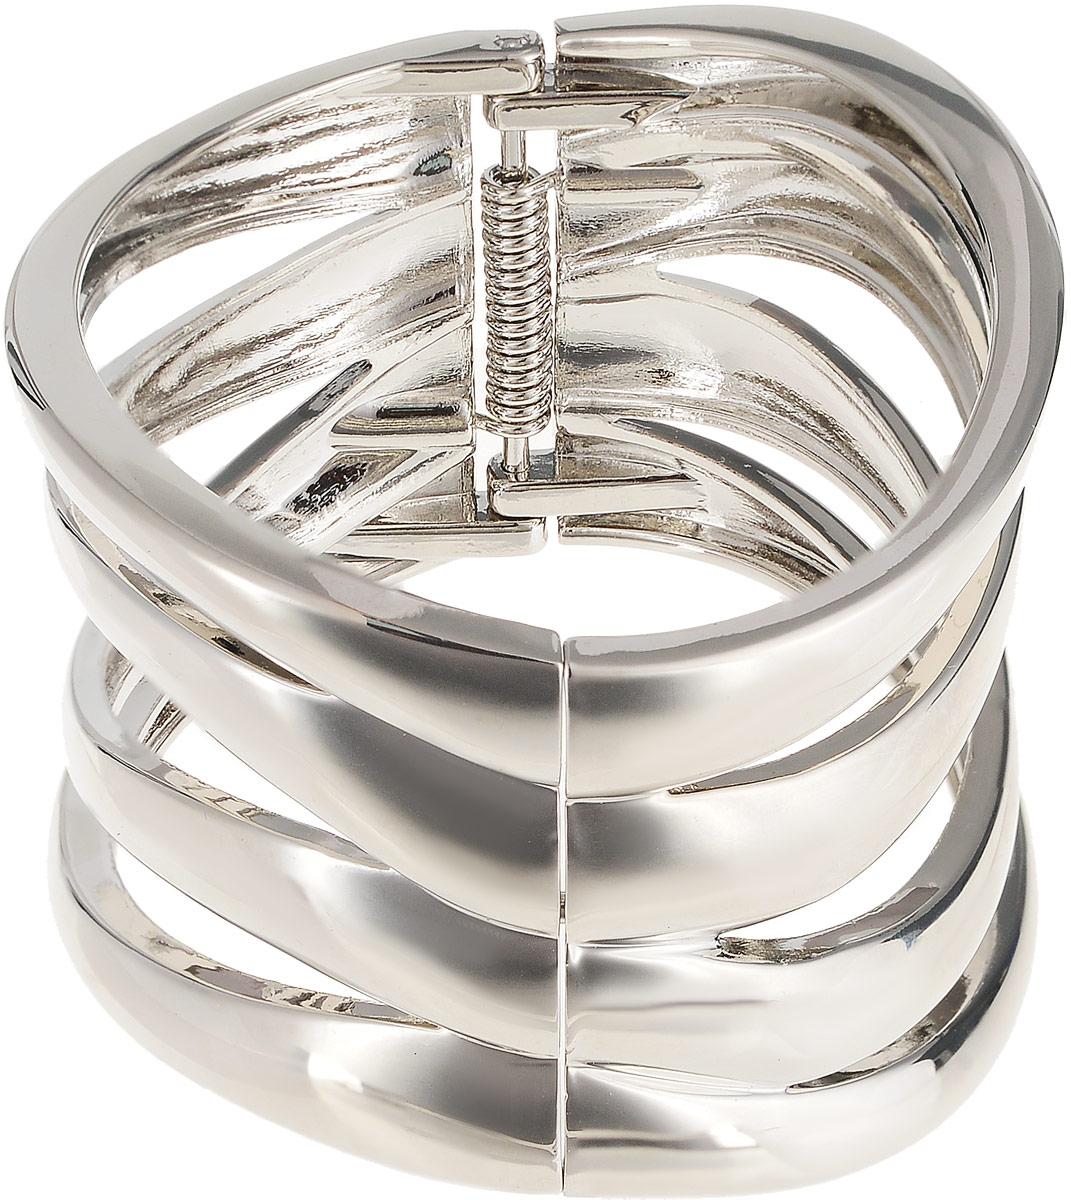 Браслет Каир. Гипоаллергенный ювелирный сплав серебряного тона. Segura, ИспанияКоктейльное кольцоБраслет Каир.Гипоаллергенный ювелирный сплав серебряного тона.Segura, Испания.Размер: диаметр 6,5 см, браслет подойдет на любой размер.